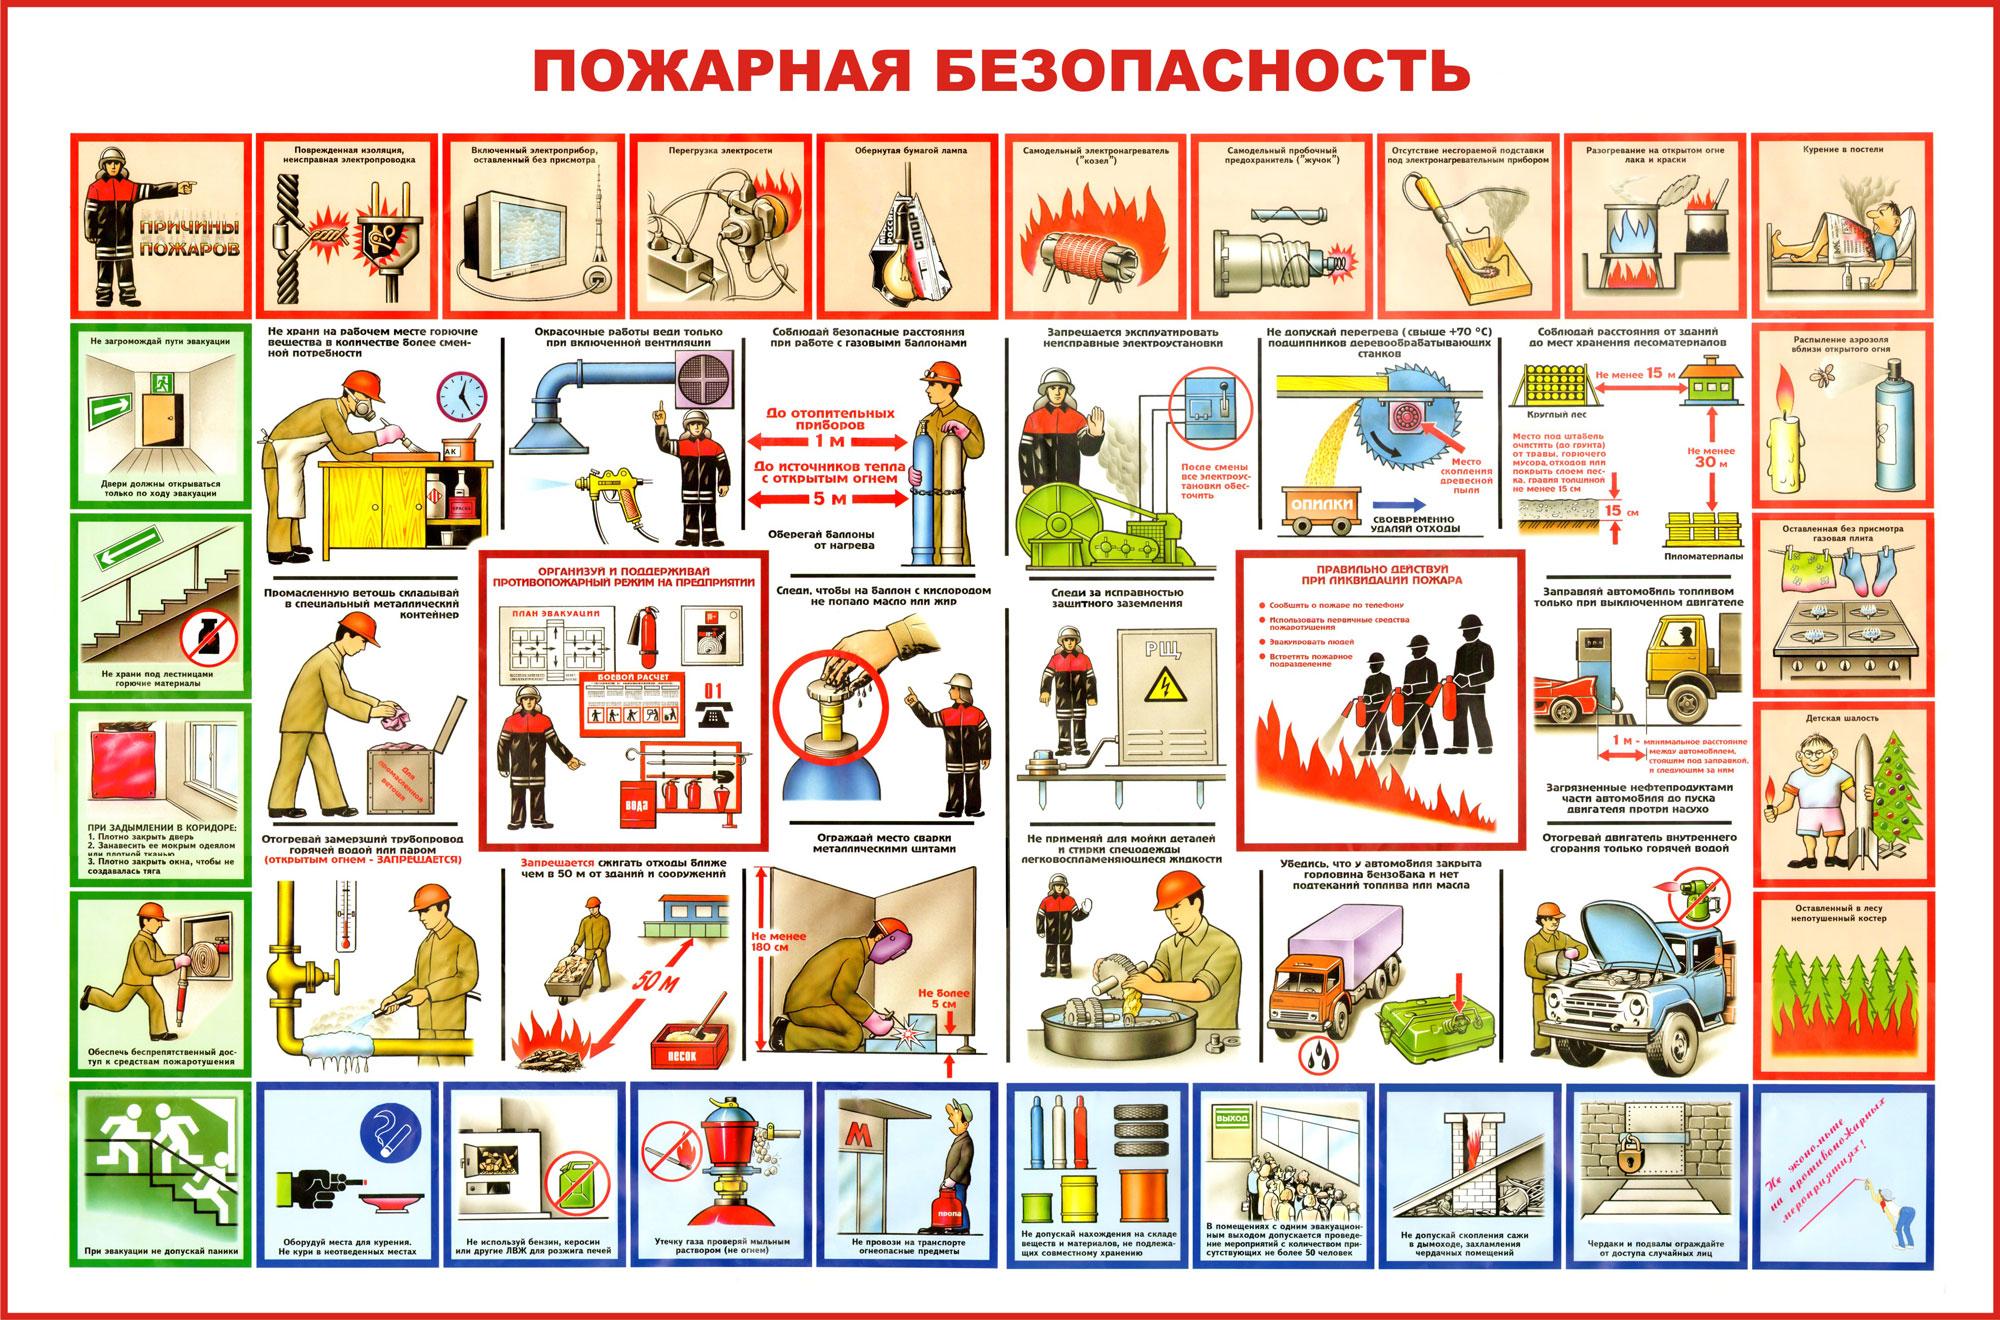 Инструкция по пожарной безопасности на азс скачать